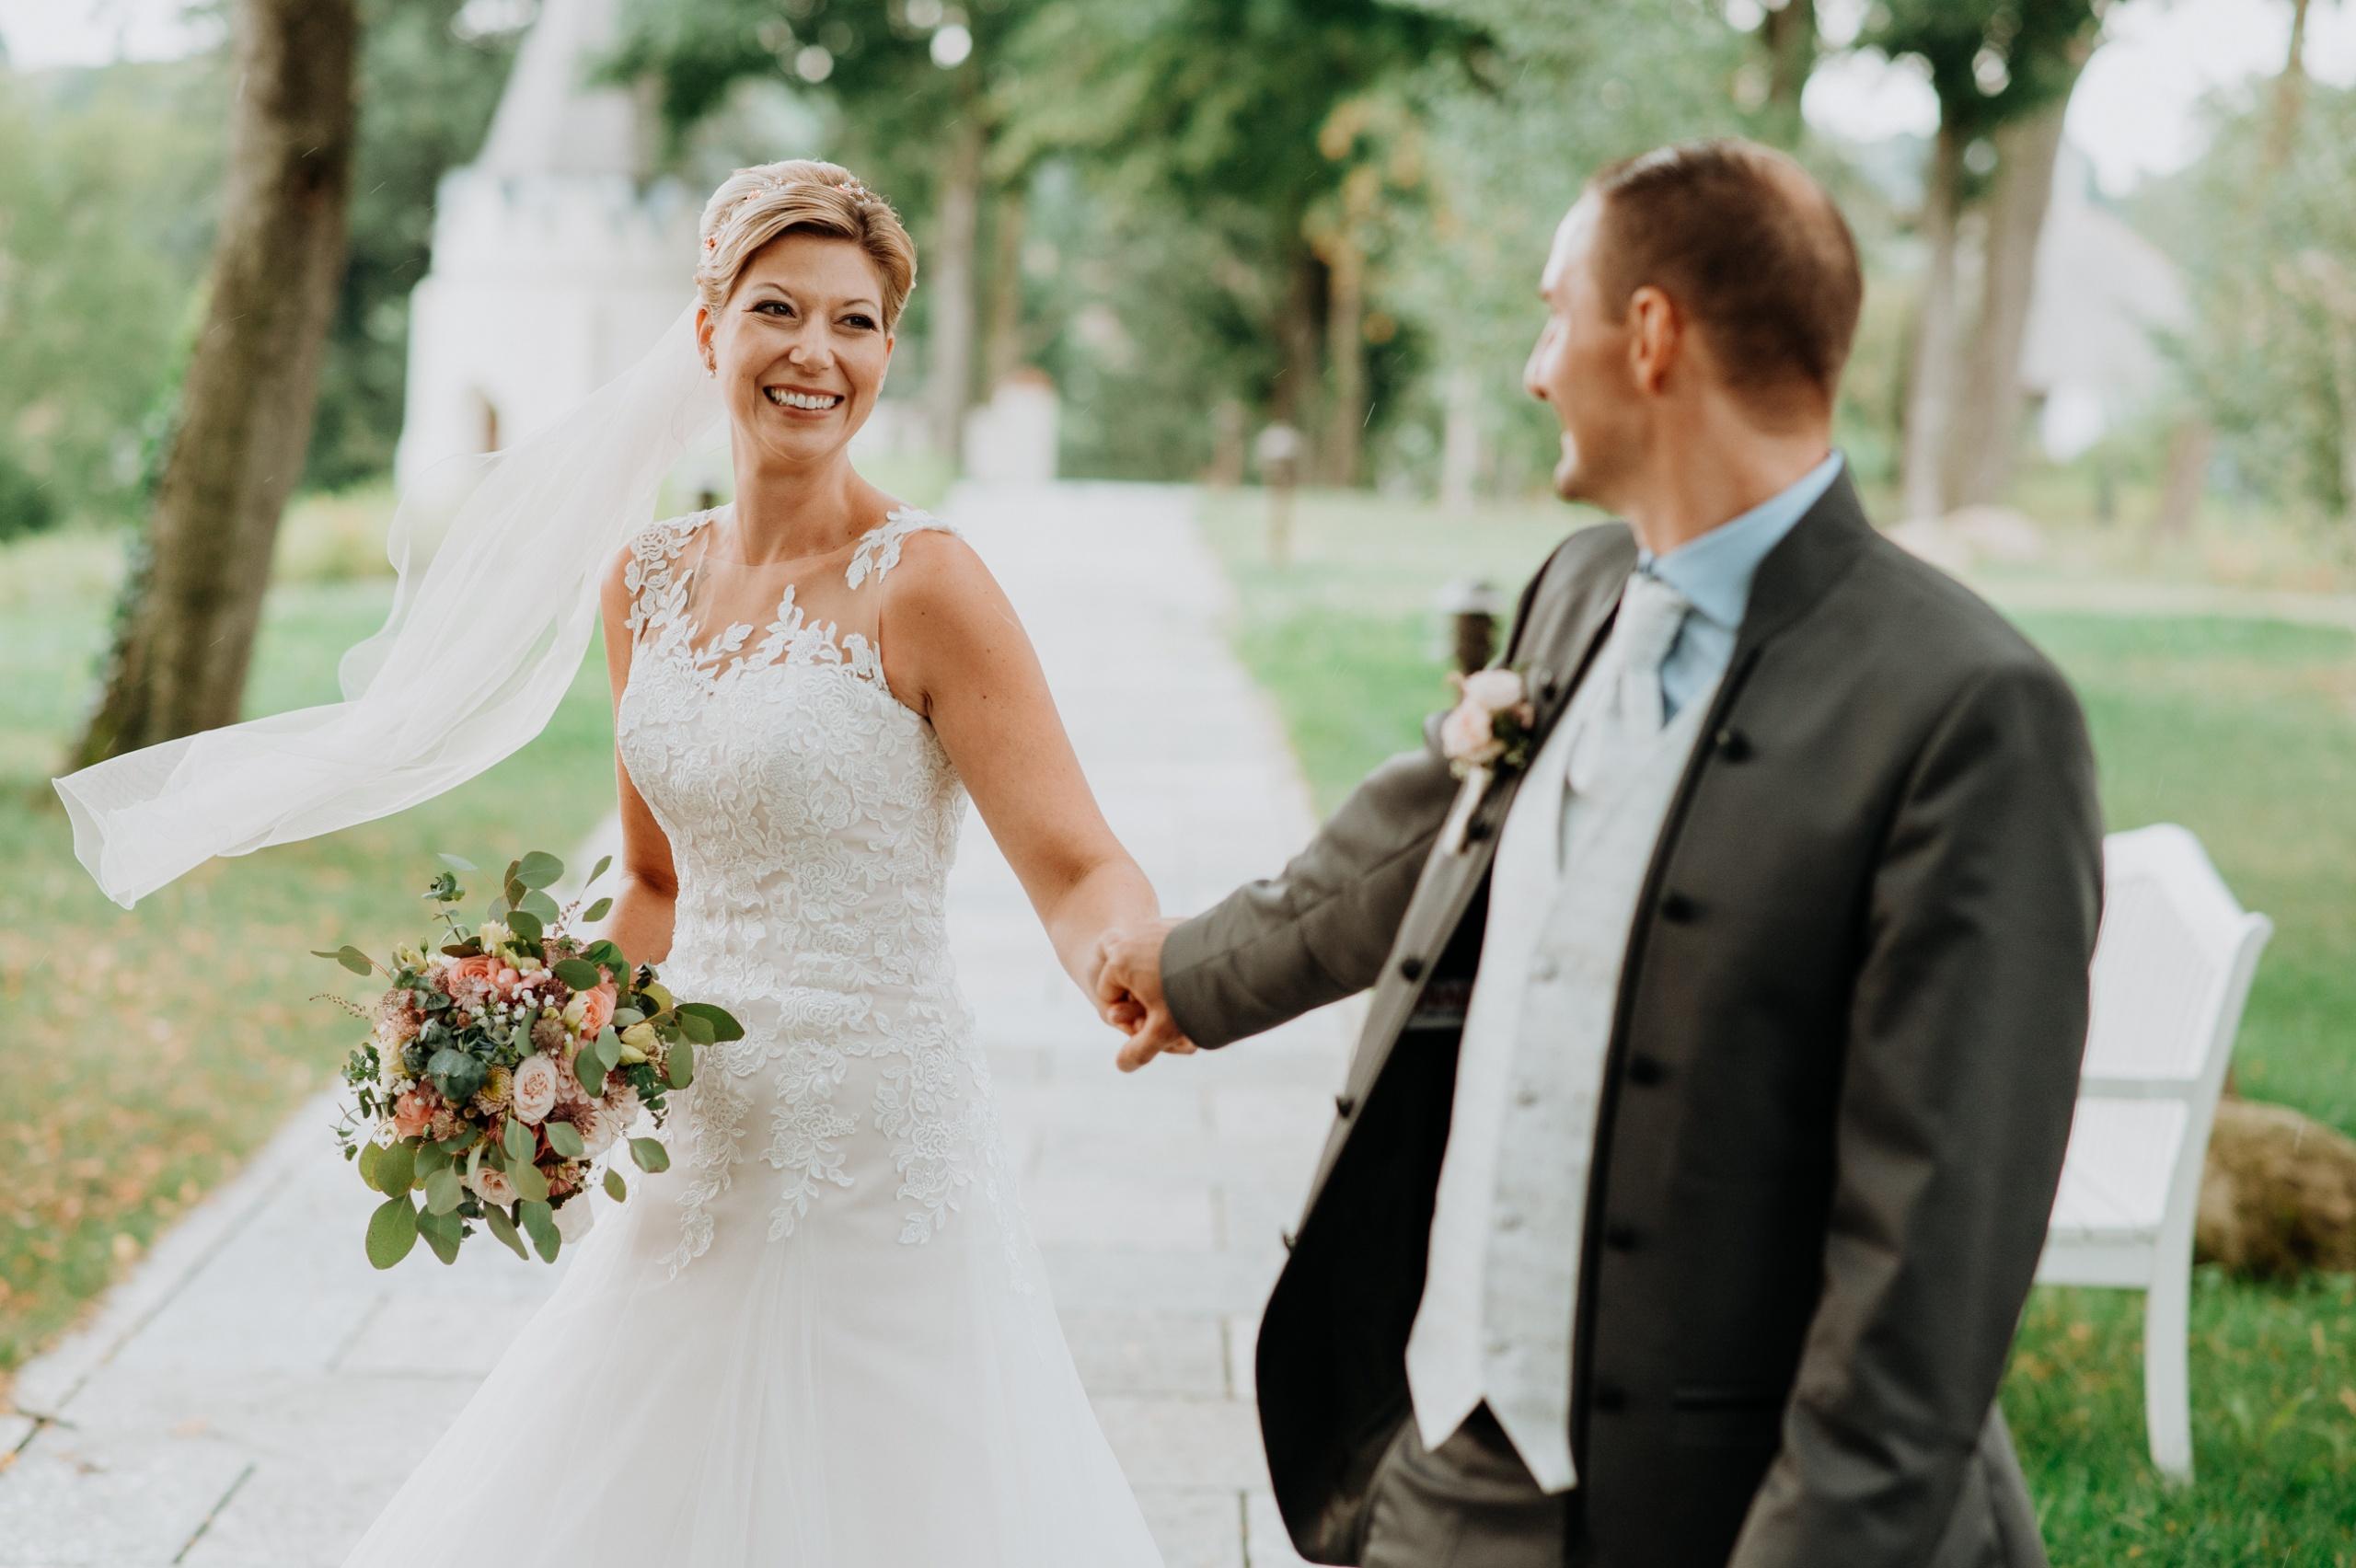 J&T-Brautpaarfotos (80 von 98)